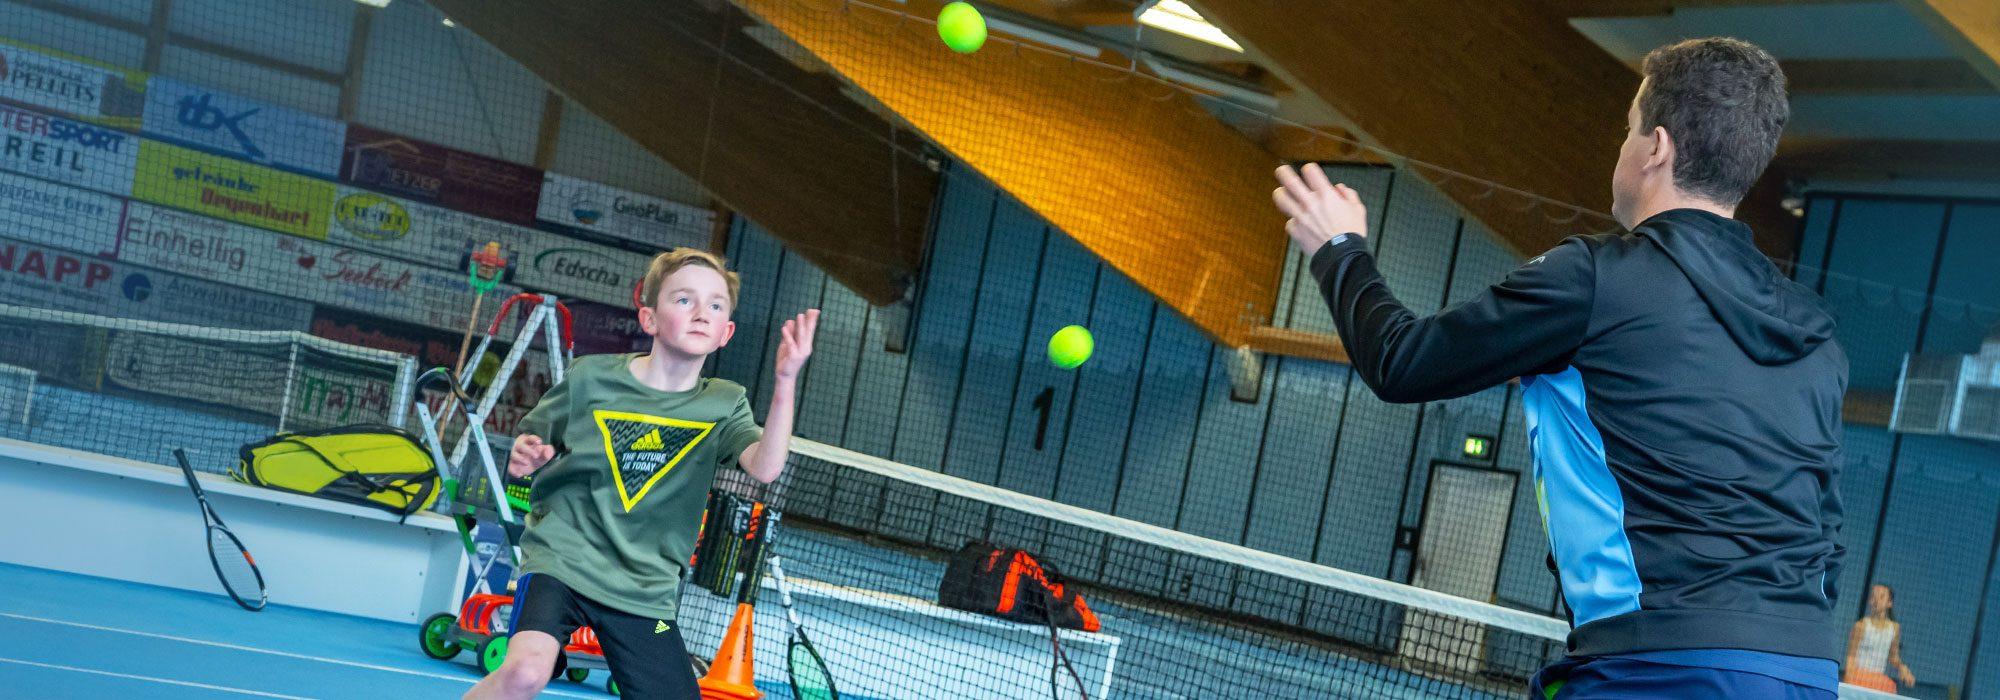 Schultennis | Kursangebot Tennisschule Raimund Knogler